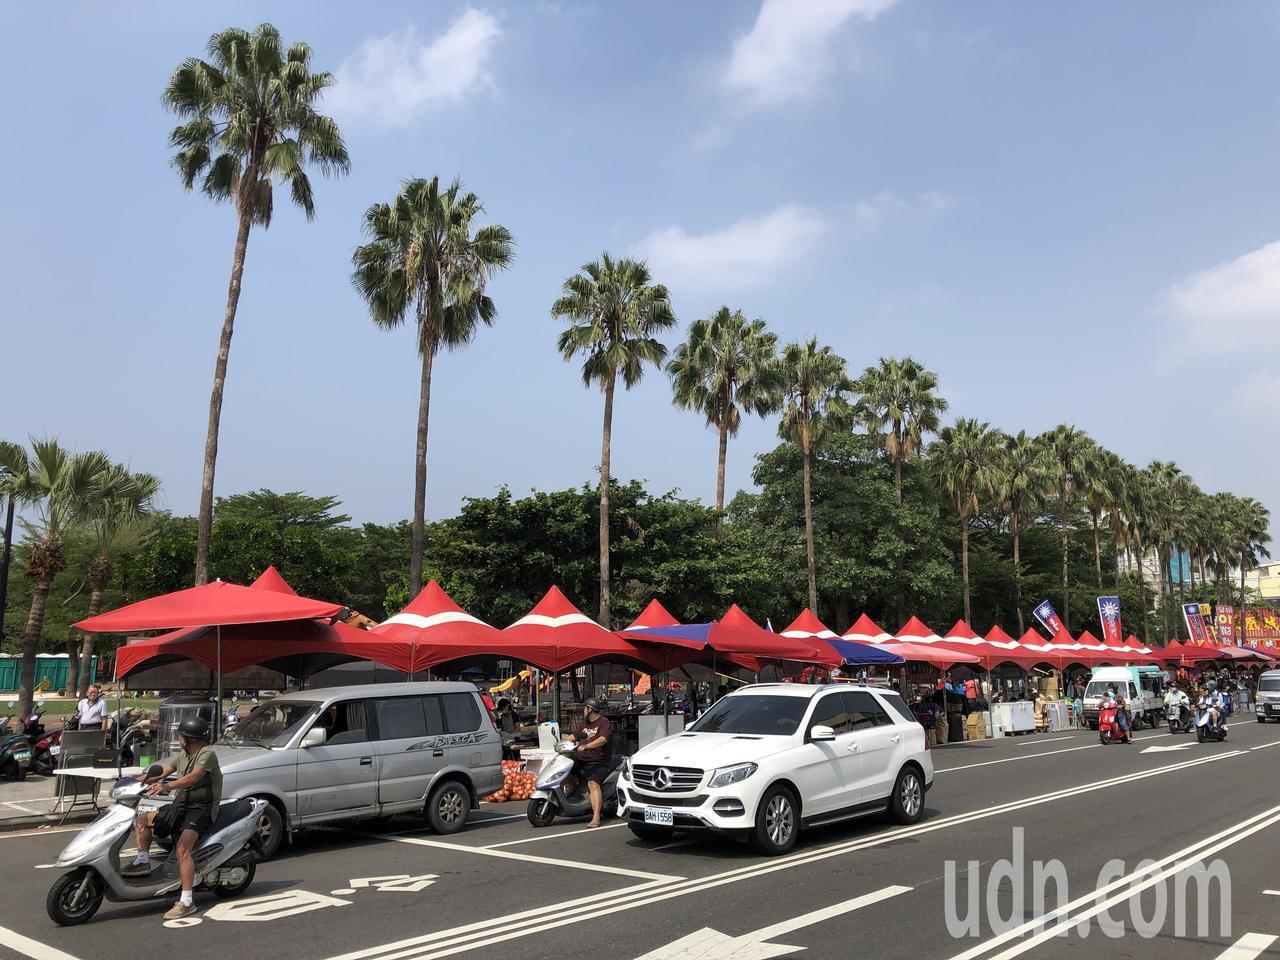 韓國瑜台南造勢會場,遭民眾投訴夏林路等路段停車格等均被畫入活動範圍且人行道也擺設...